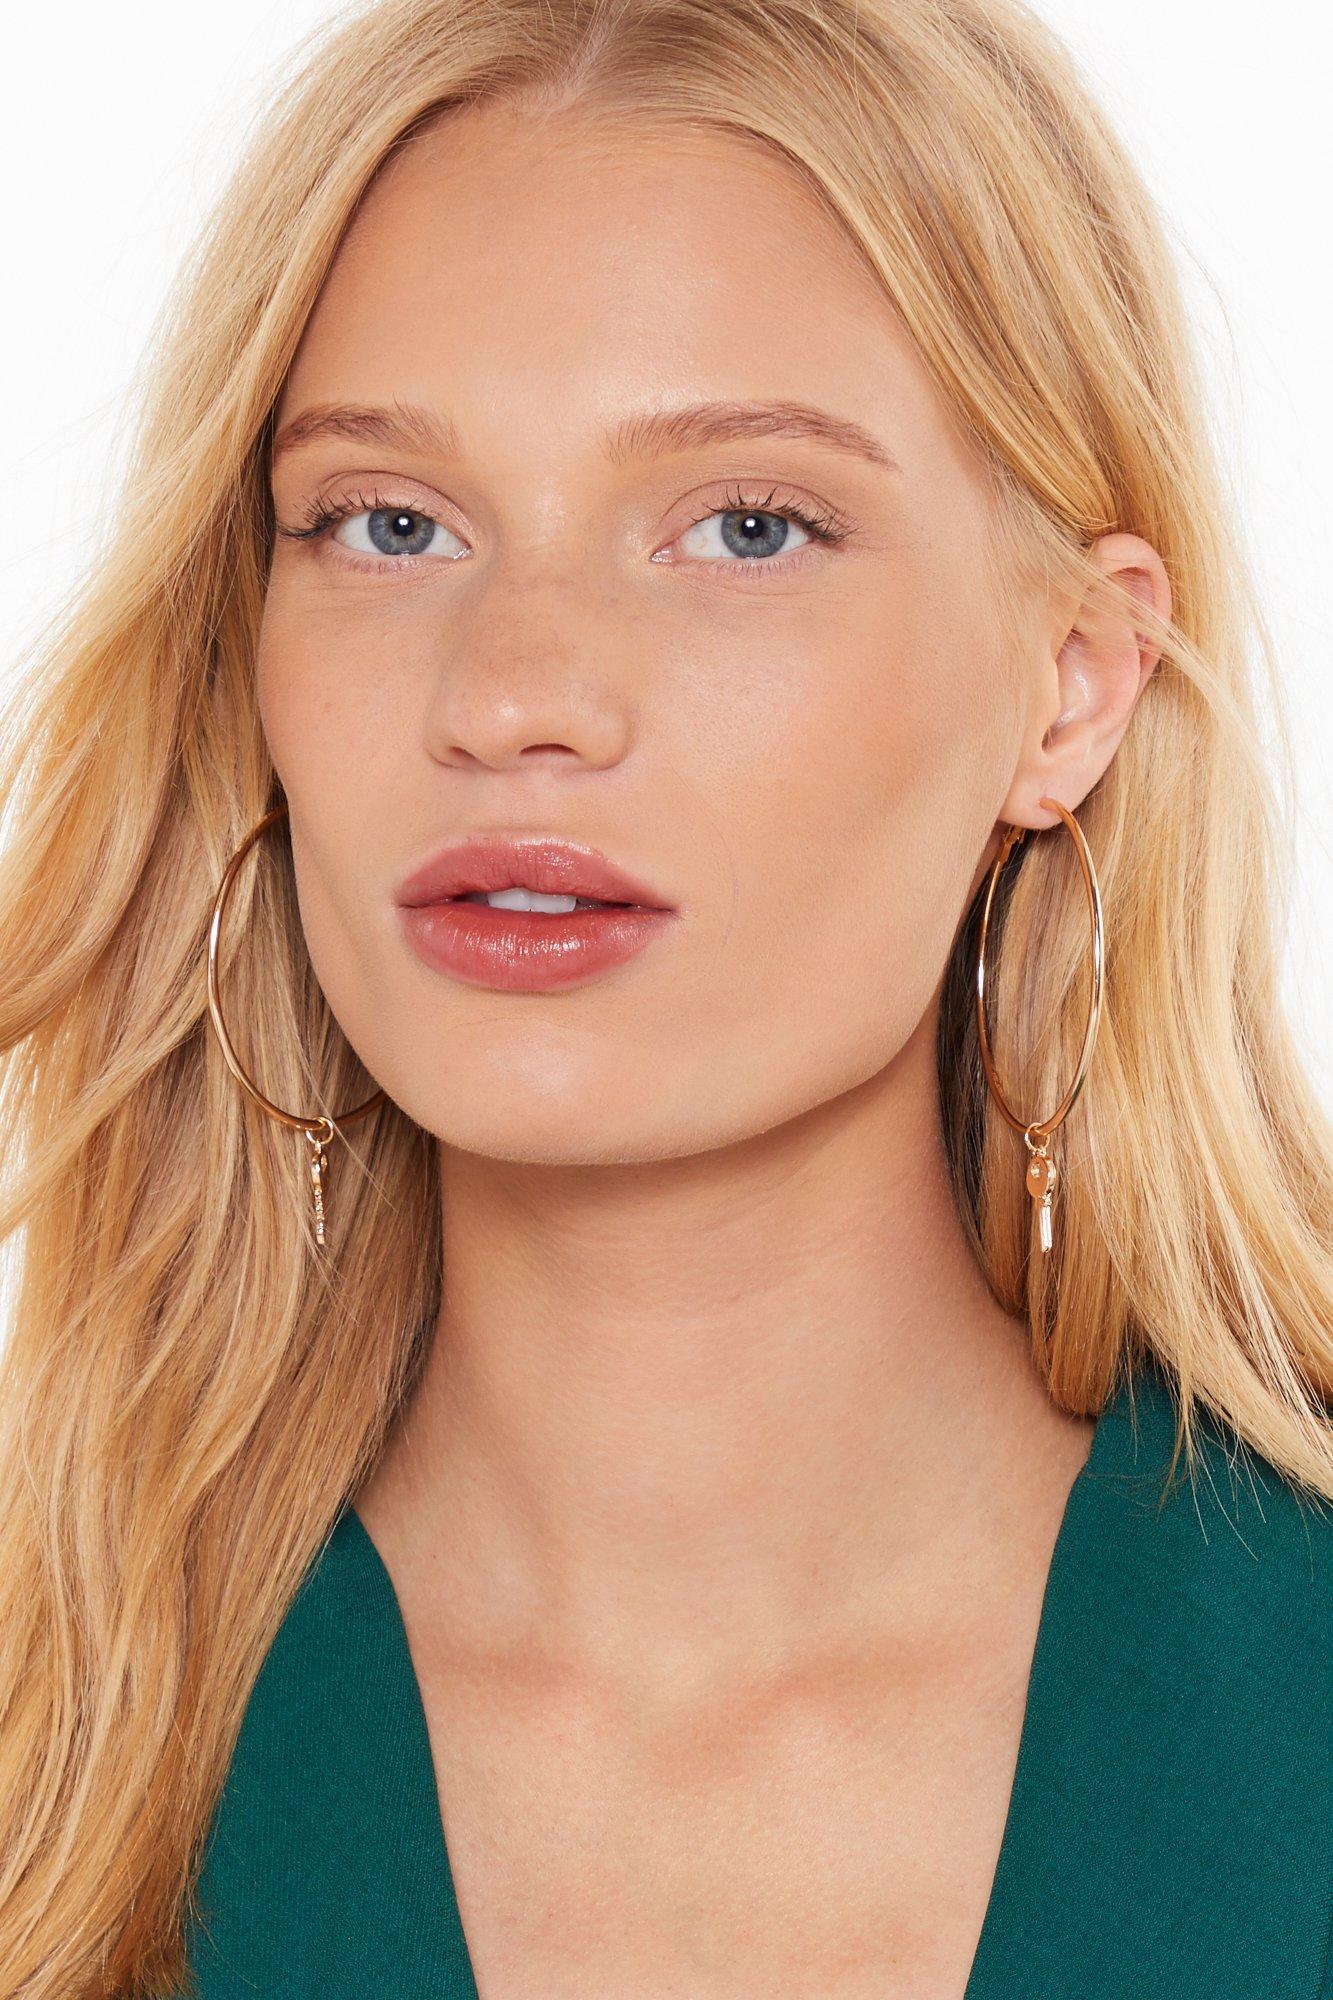 Image of Just My Lock Double Hoop Earrings